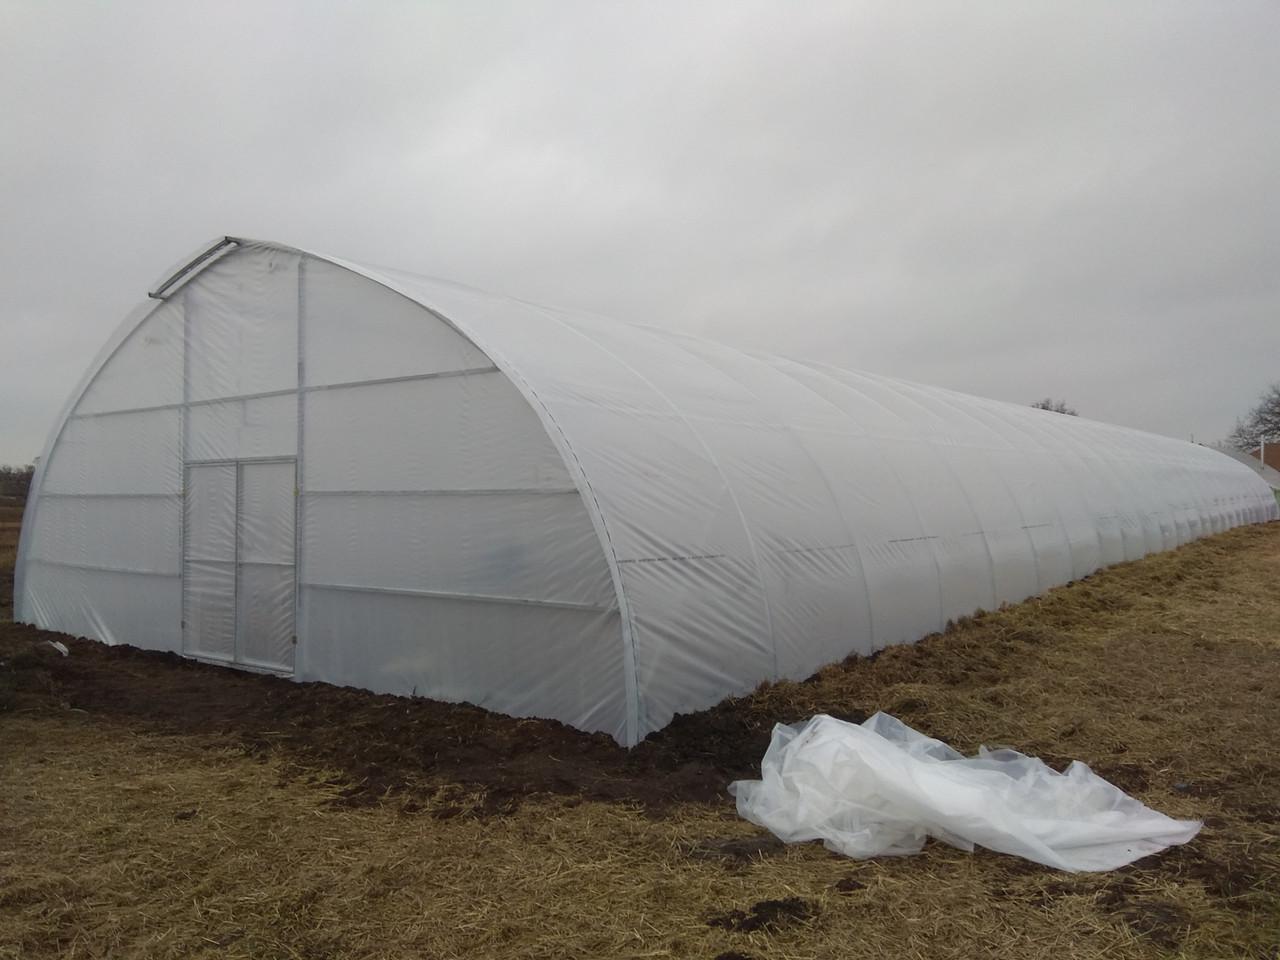 Теплицы для бизнеса для зимнего выращивания с наддувом